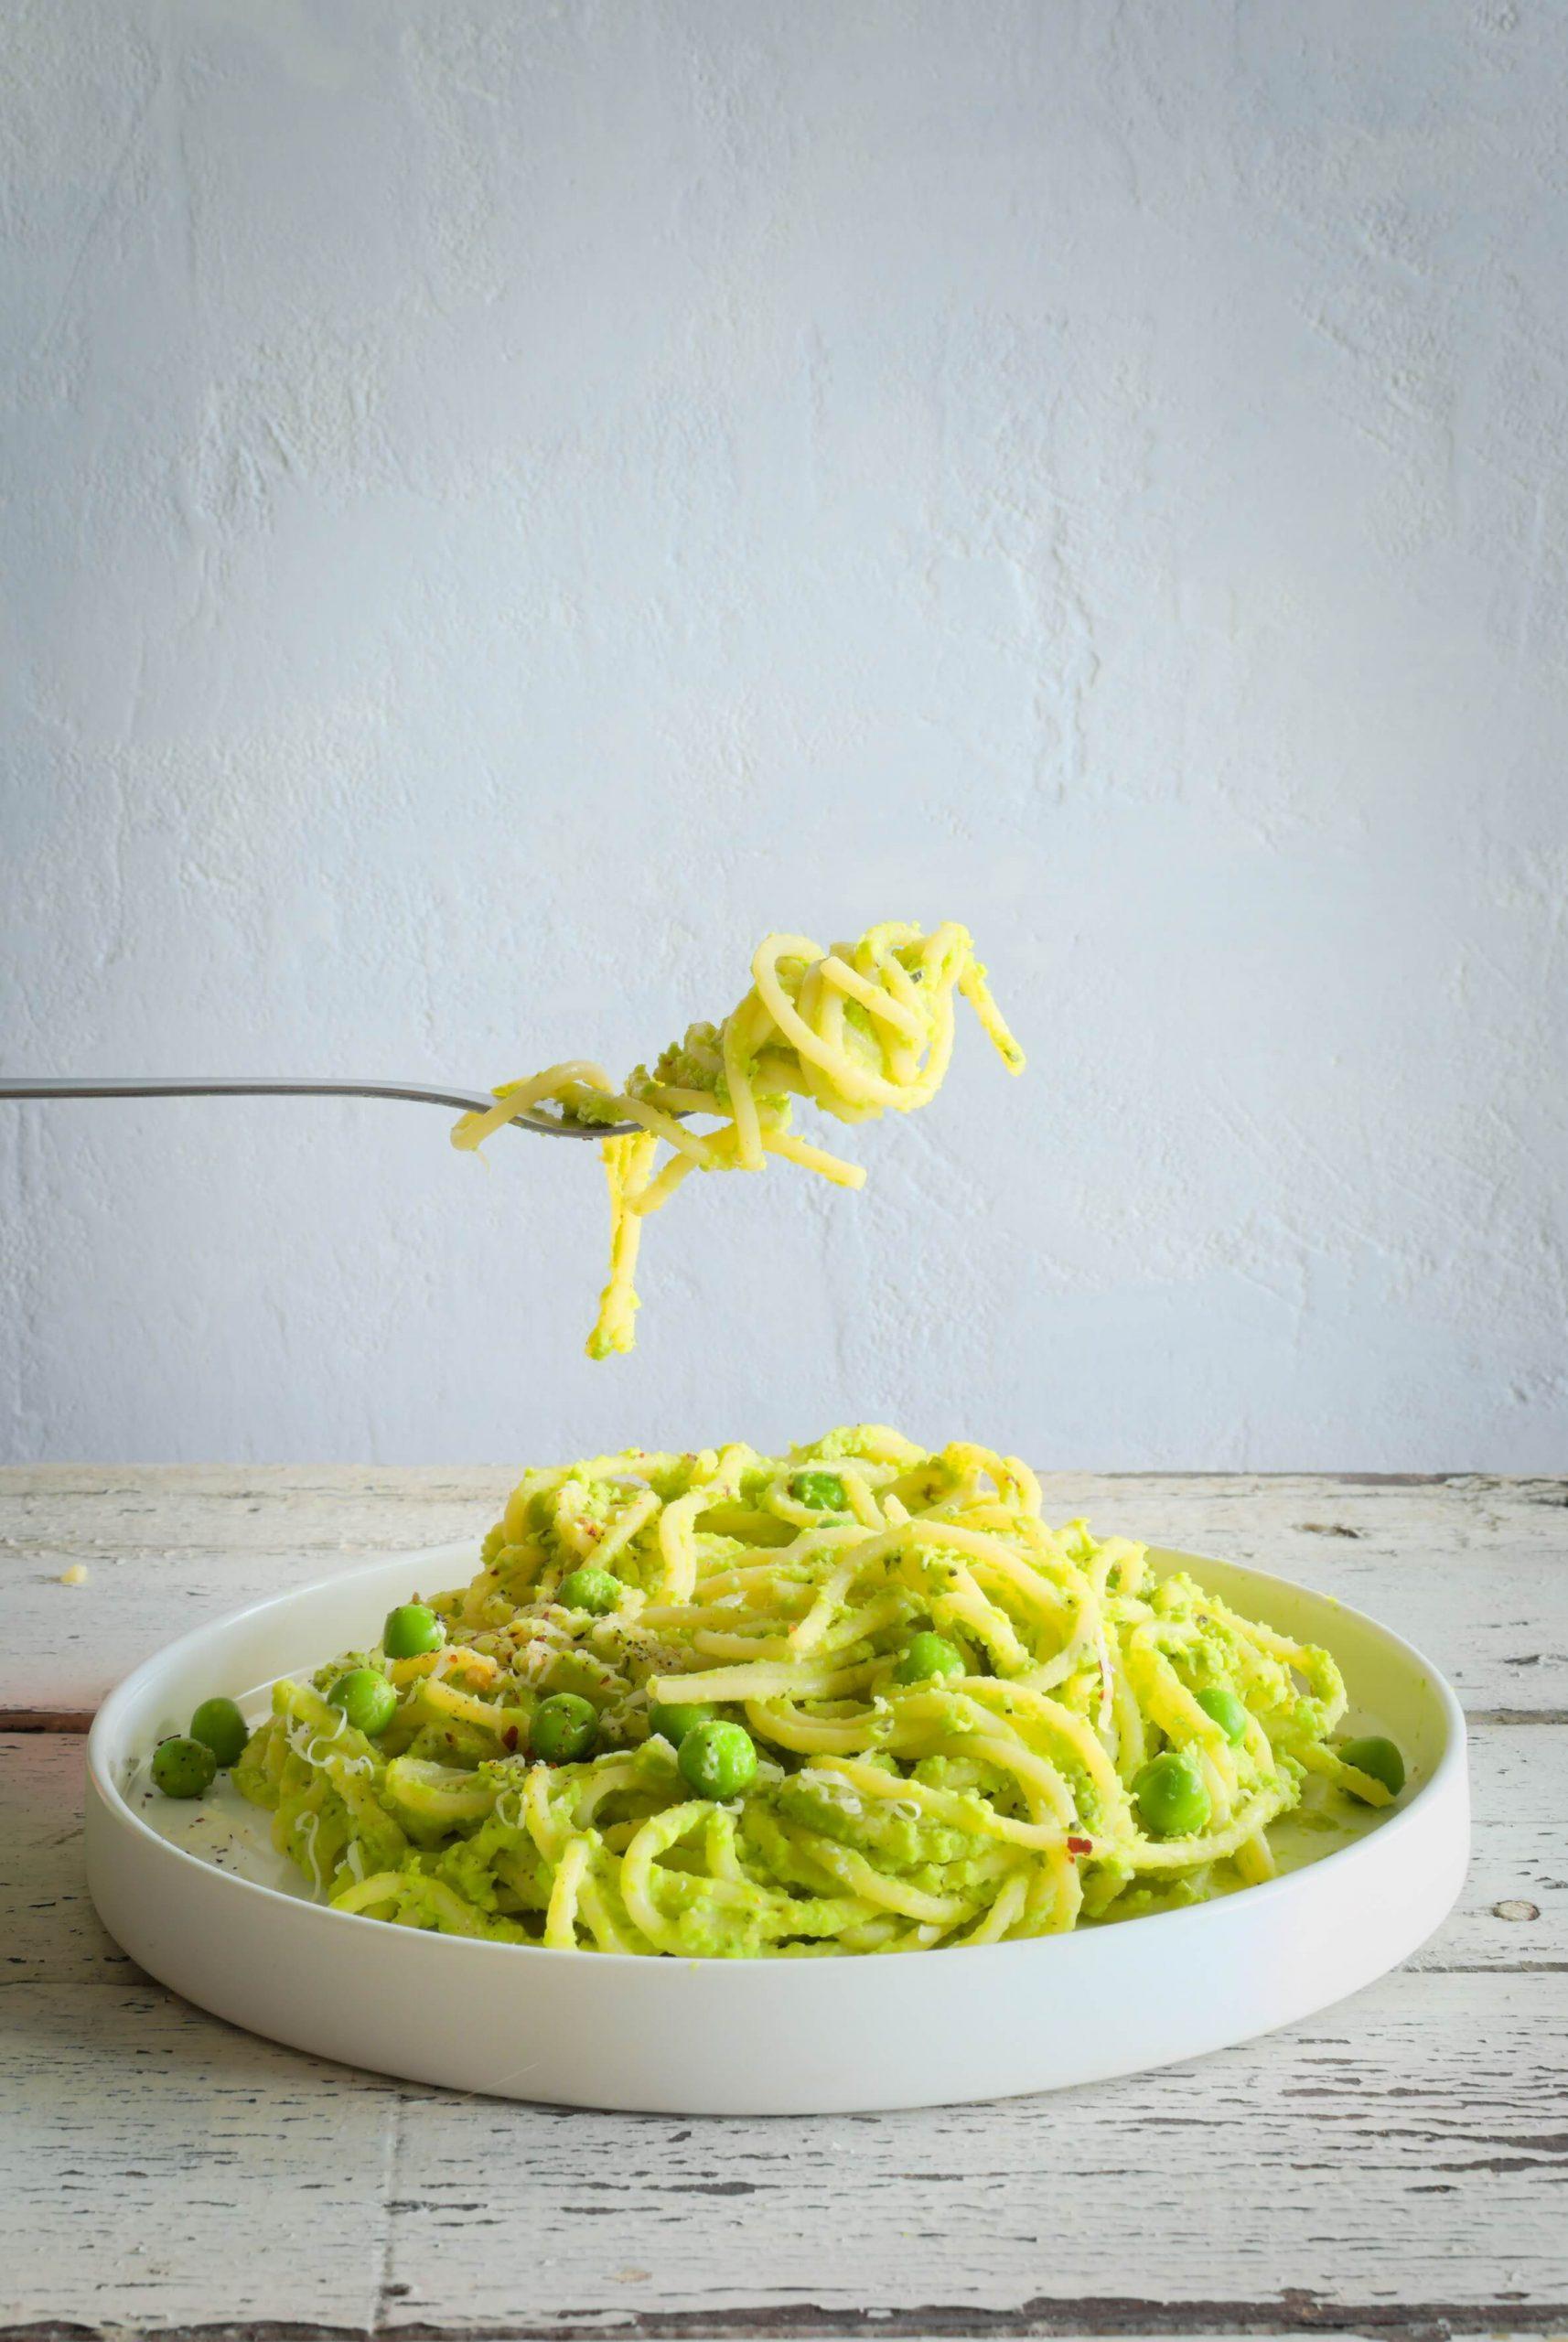 makaron spaghetti z